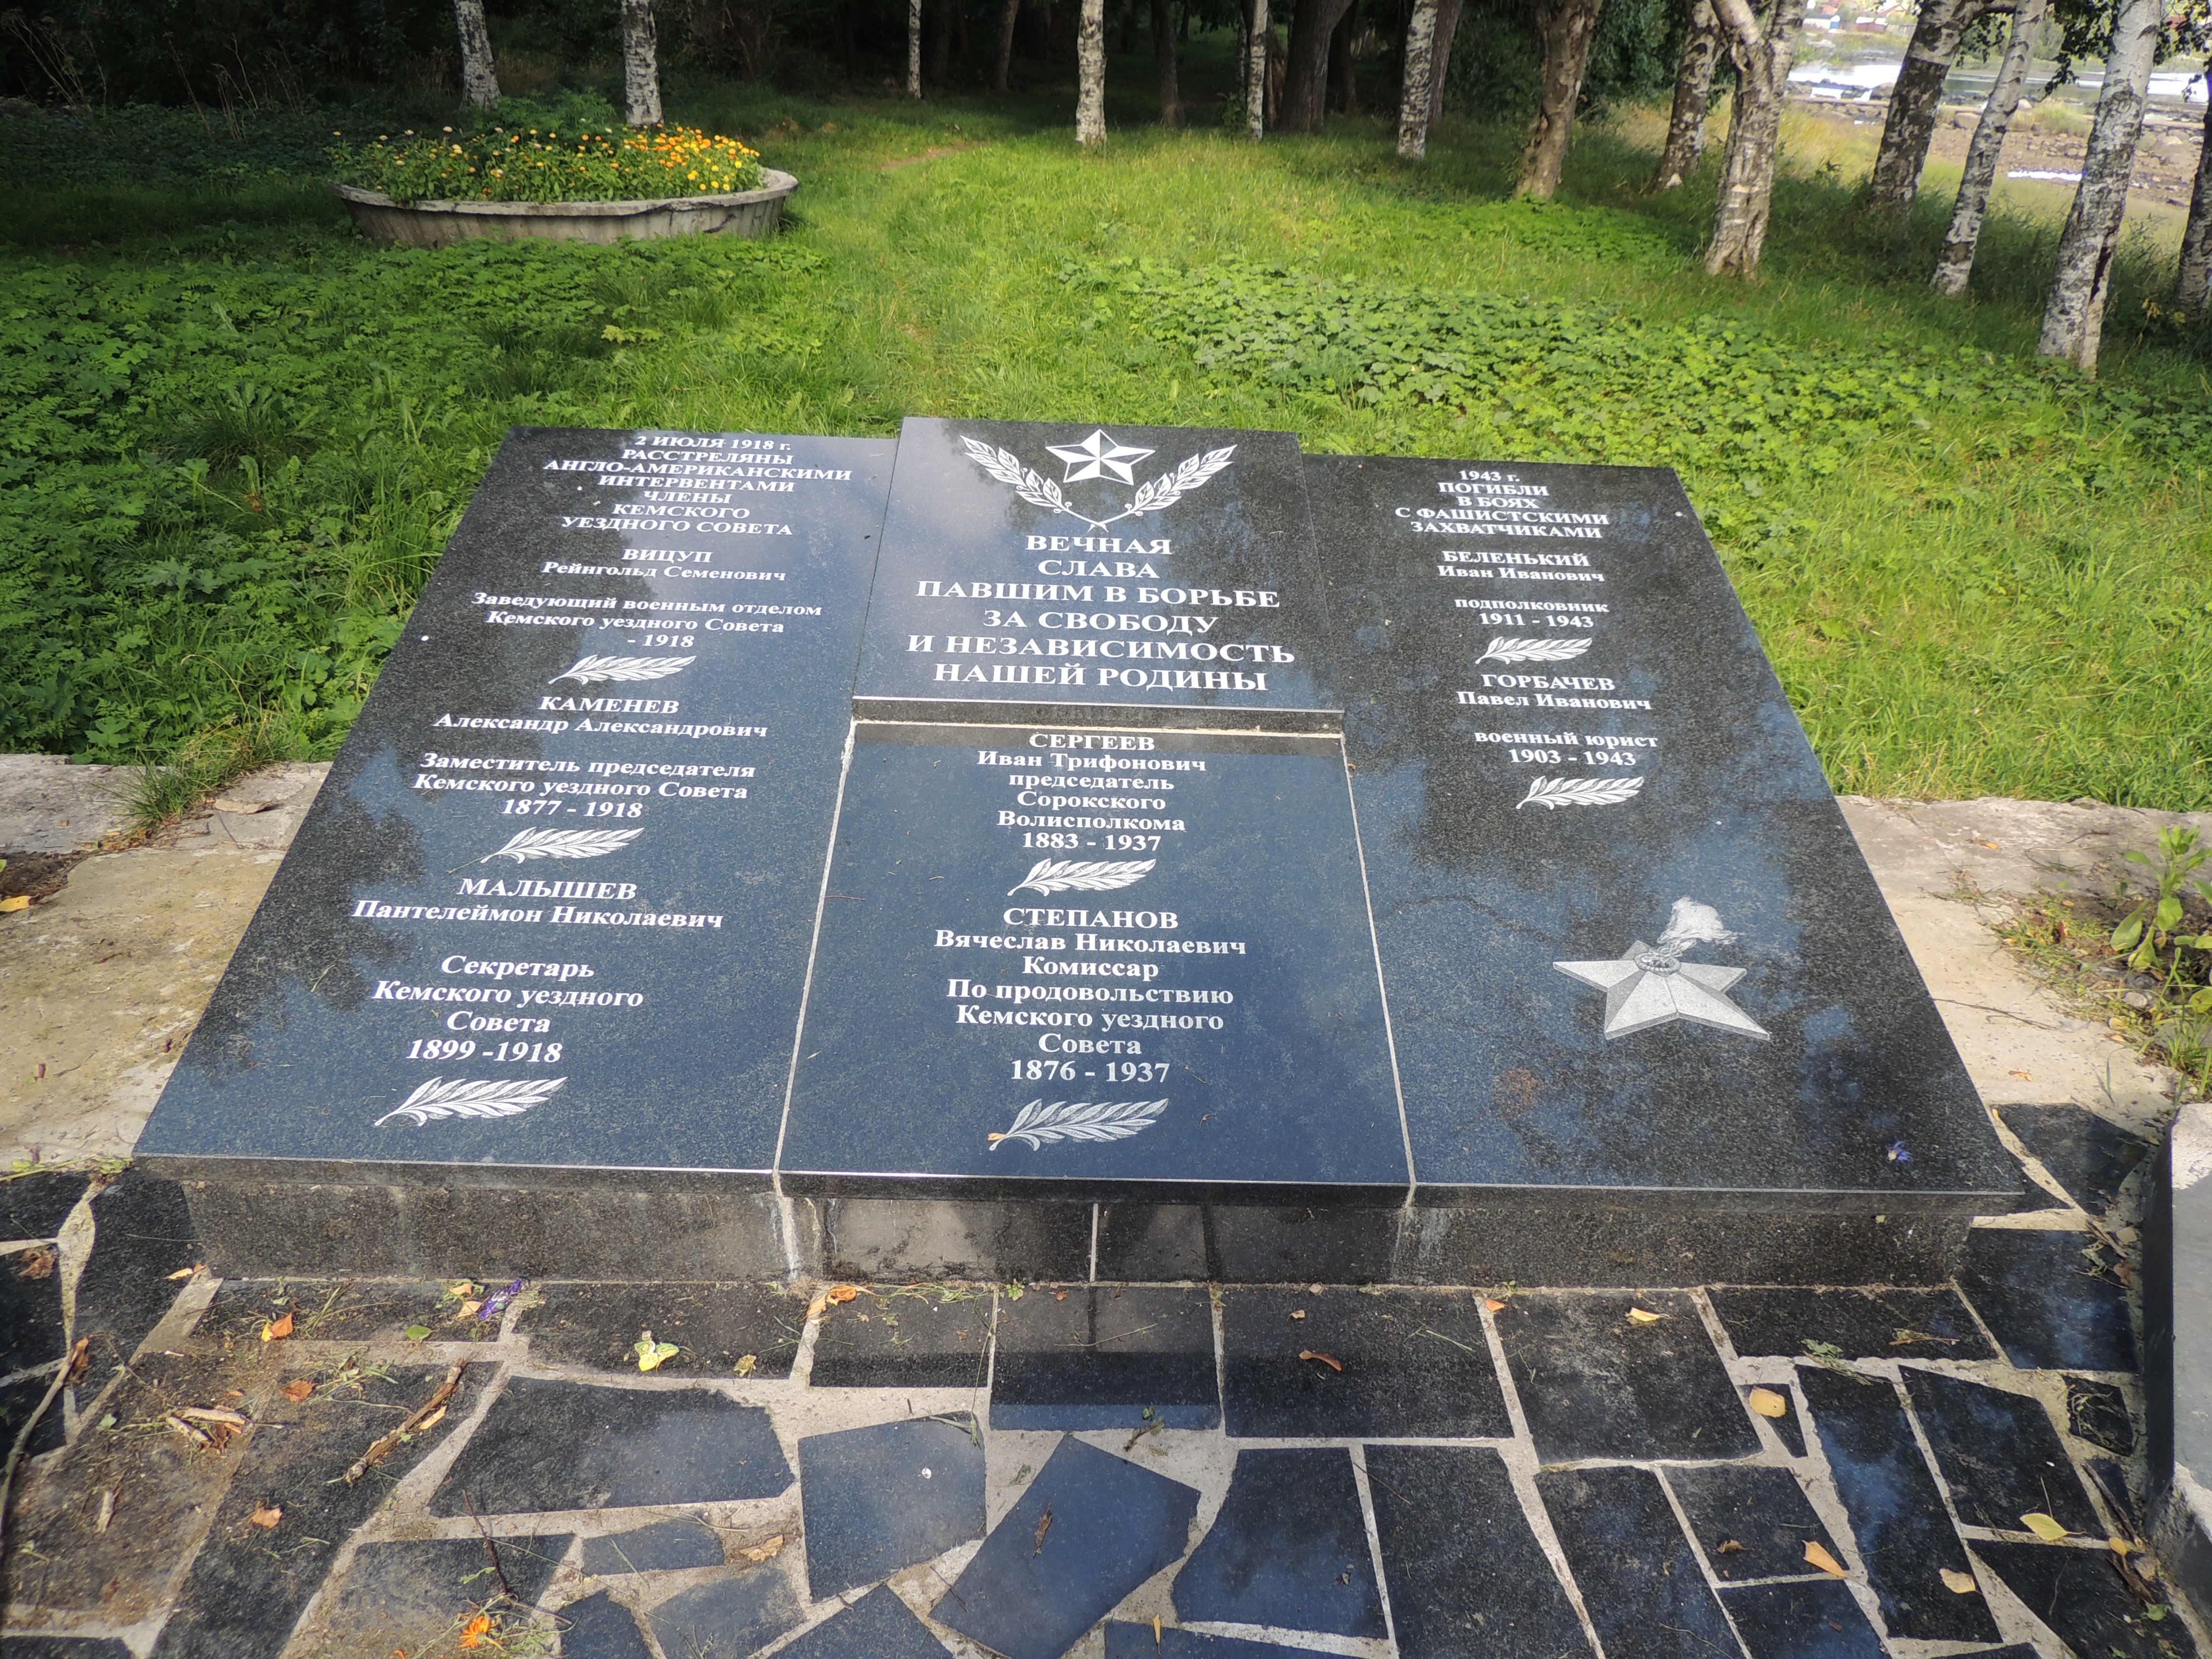 Братская могила, в которой захоронены подполковник Беленький И.И. и подполковник Горбачев П.И., погибшие в годы Великой Отечественной войны